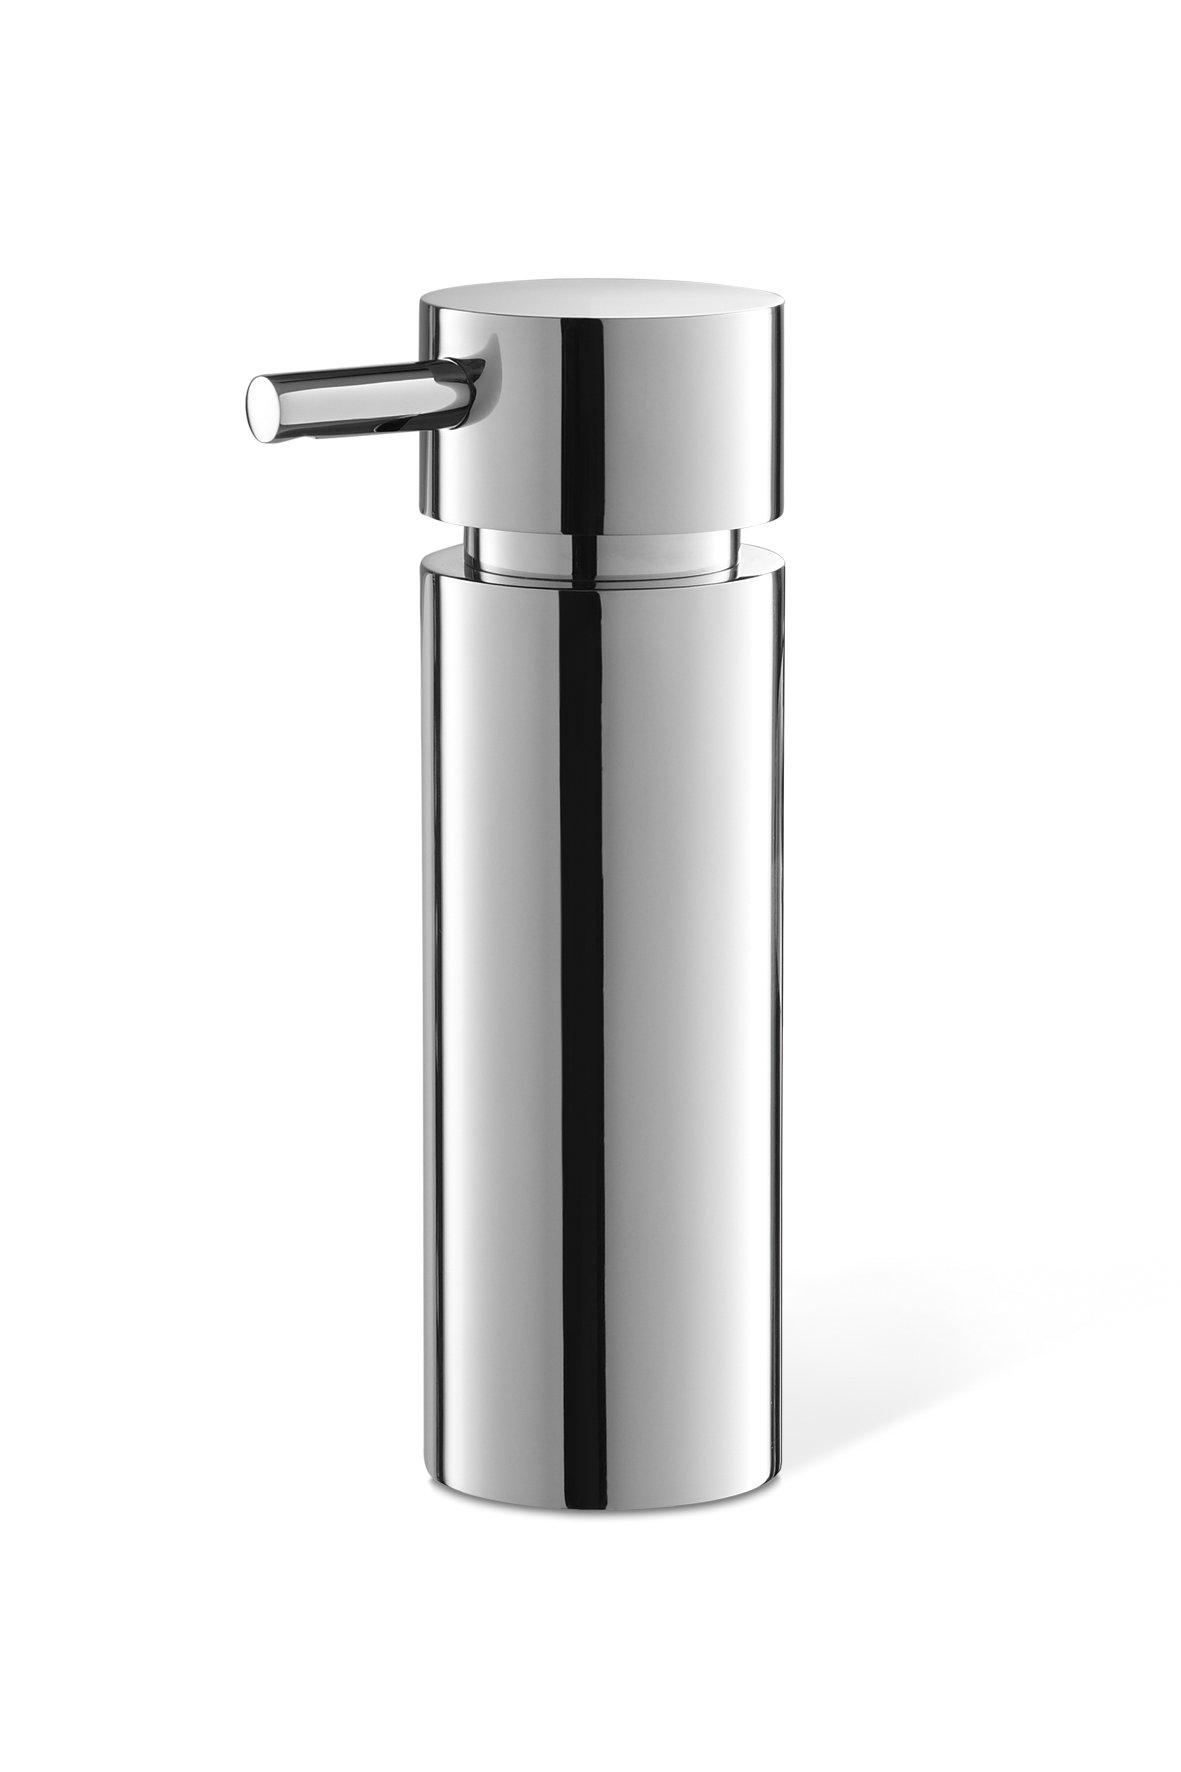 Zack 40076 Tico Liquid Dispenser, 6.5 by 2-Inch, 5.9-Ounce